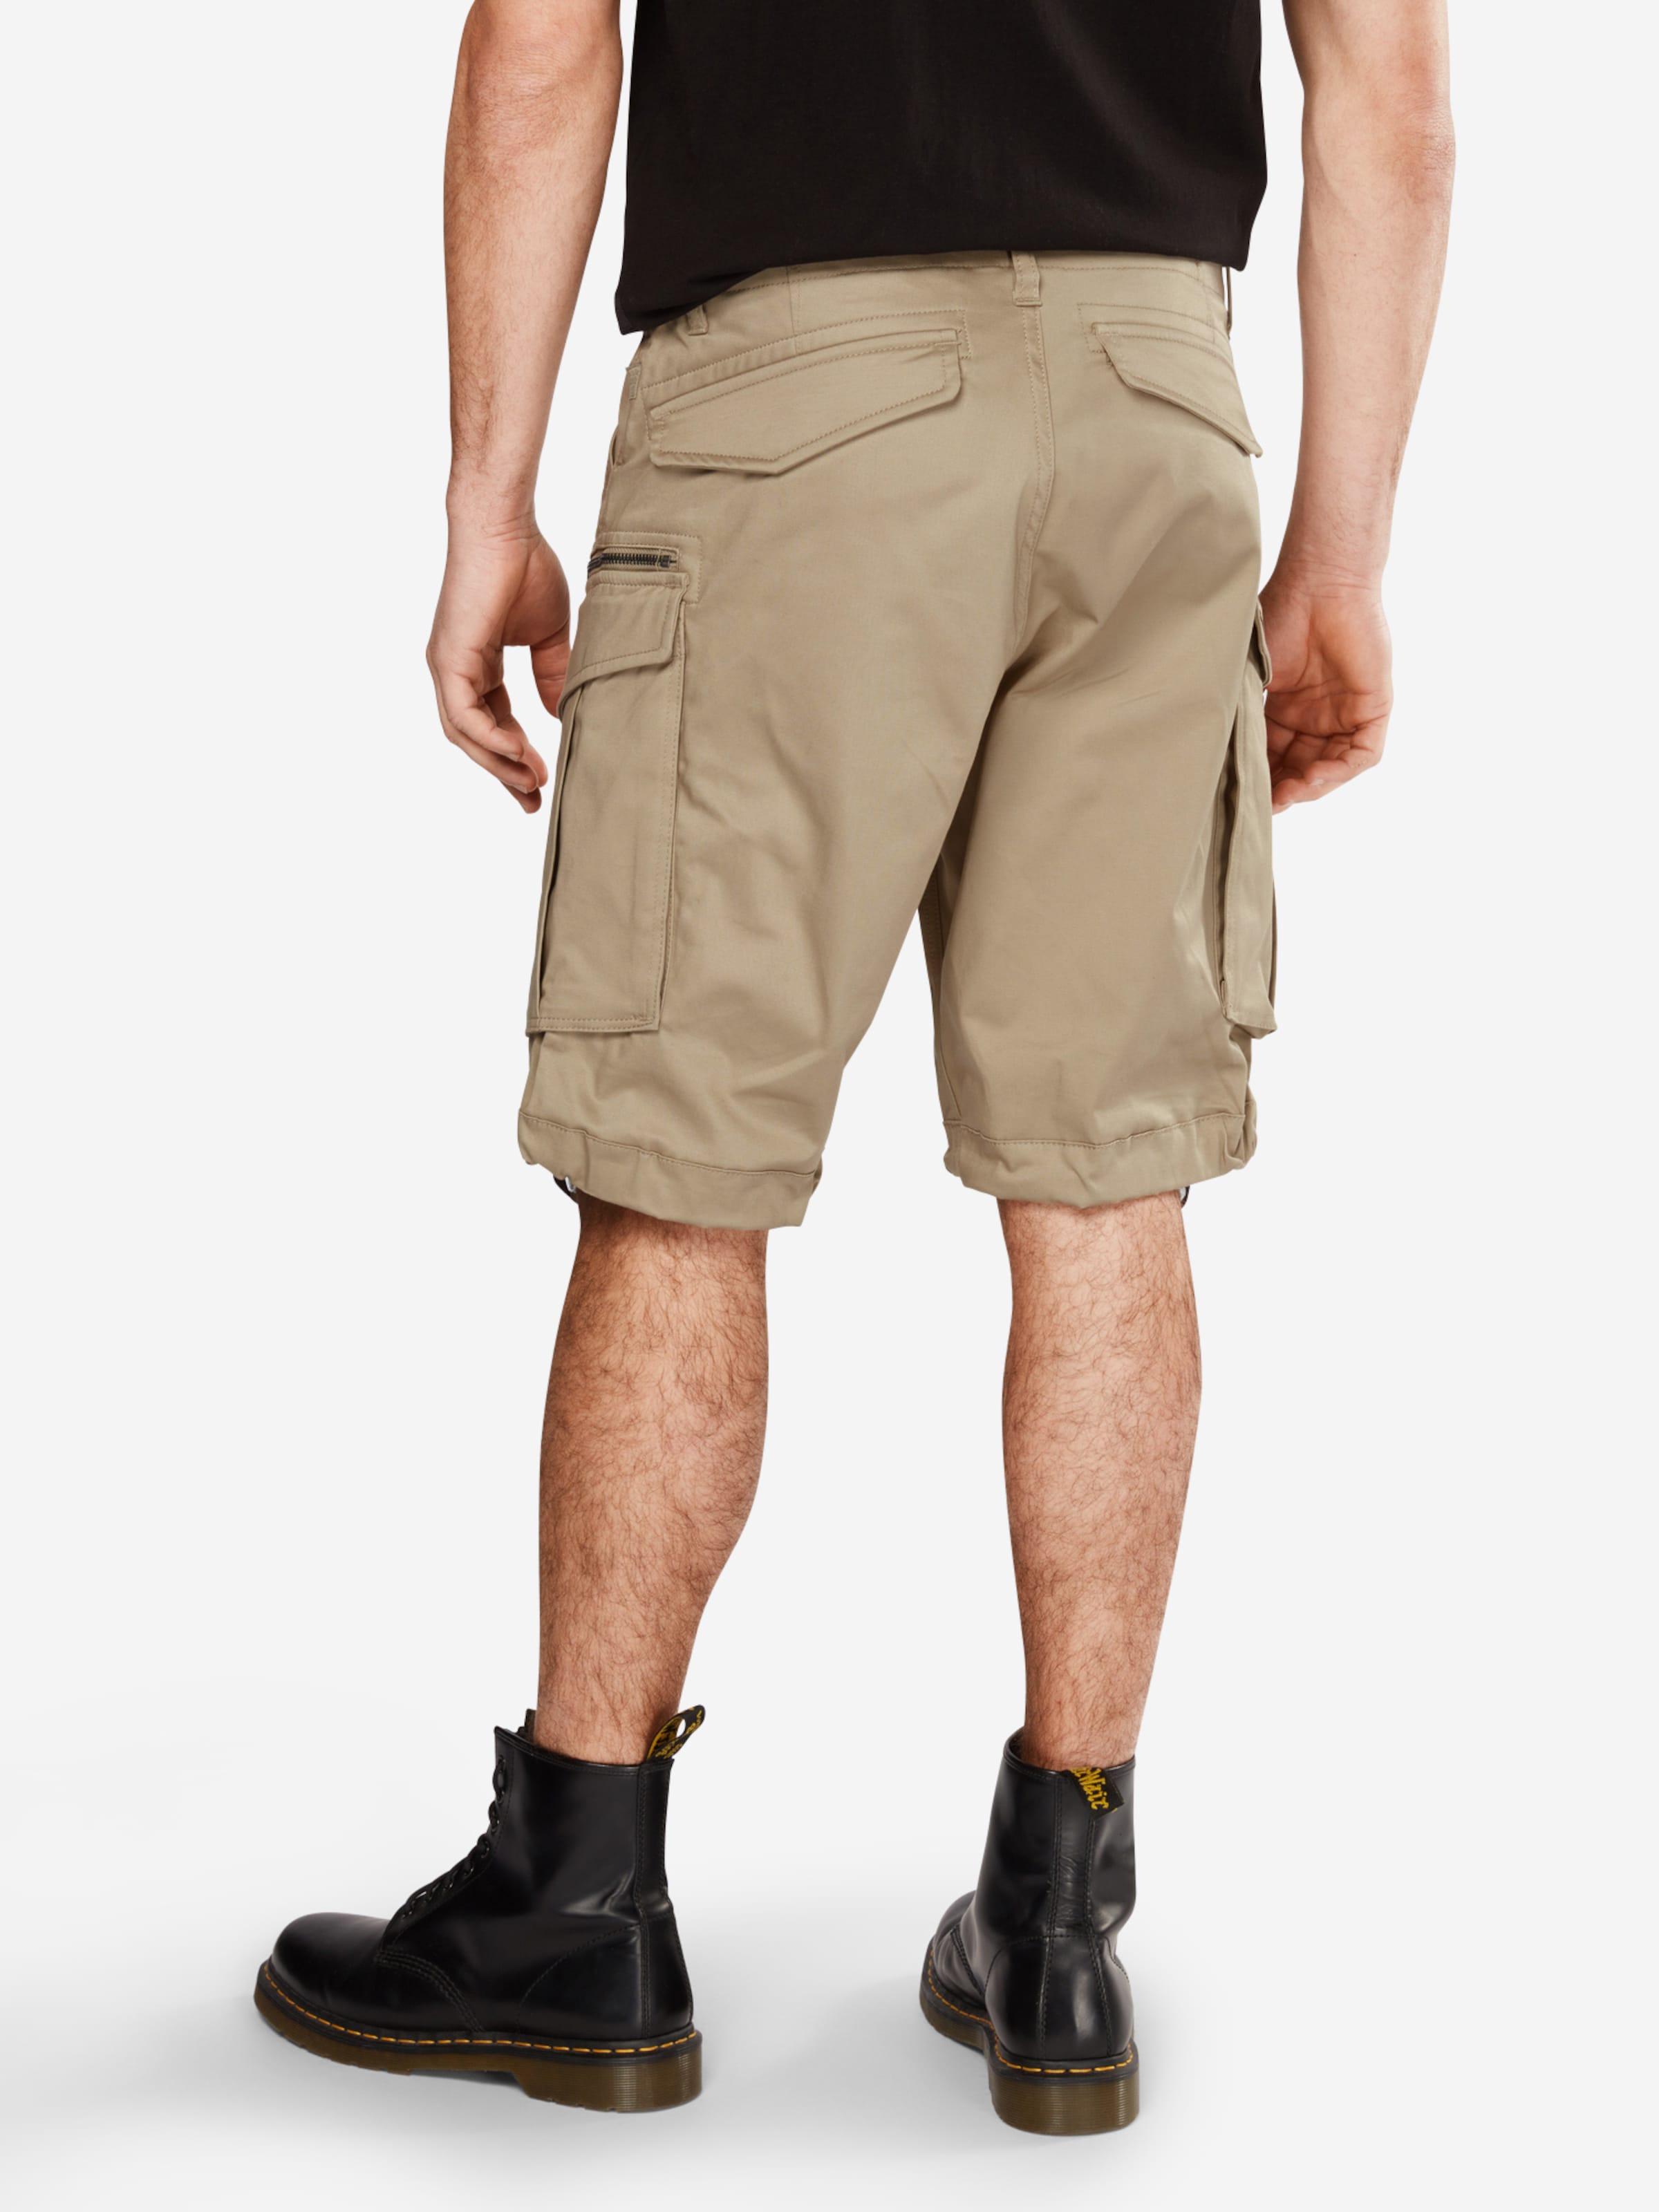 G-STAR RAW Shorts 'Rovic' Günstig Kaufen Großen Verkauf Günstige Online Footlocker Finish Online MrutONI8mE